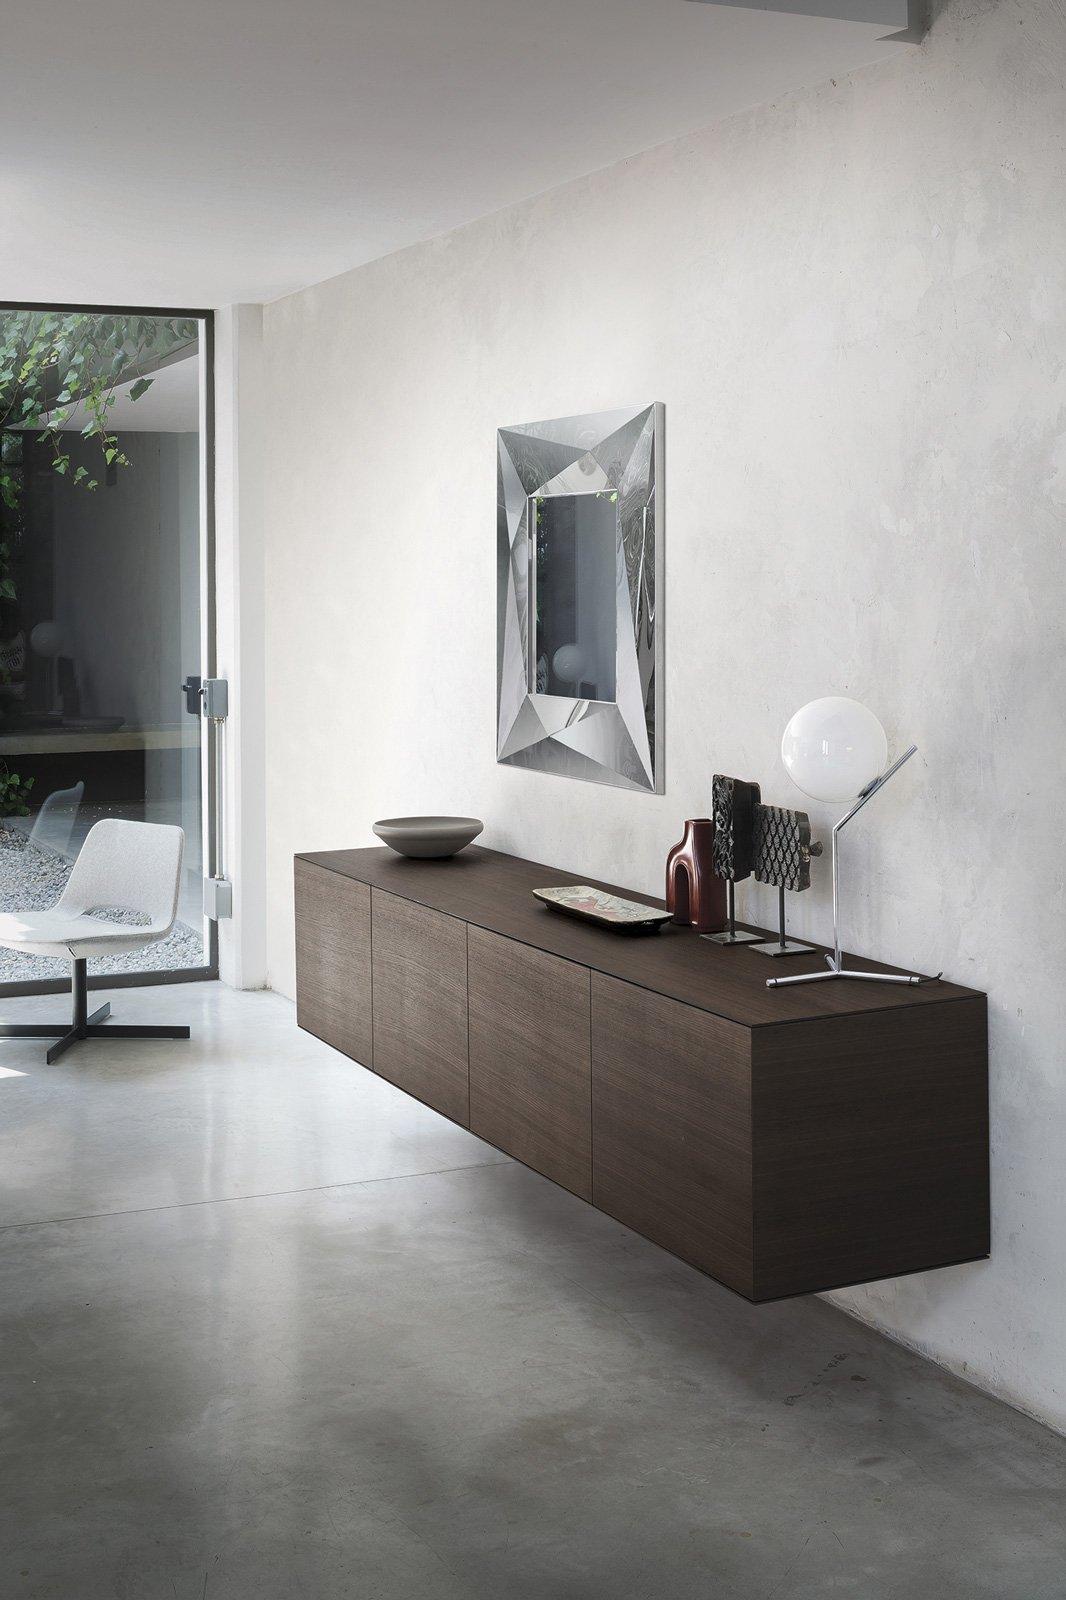 Mobile basso per il soggiorno la madia contemporanea for Case moderne sotto 100k